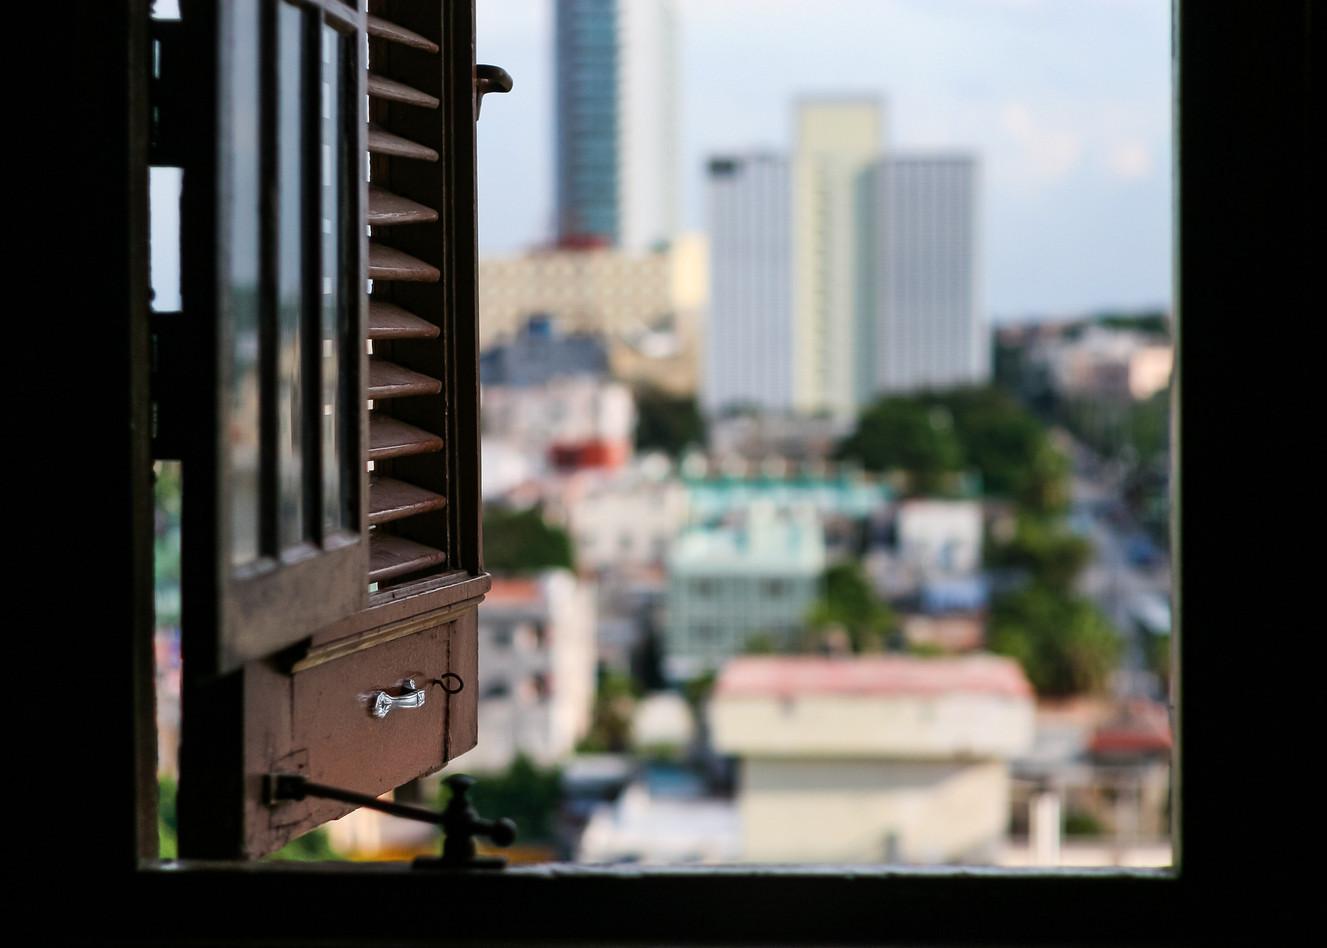 Ventana. La Habana